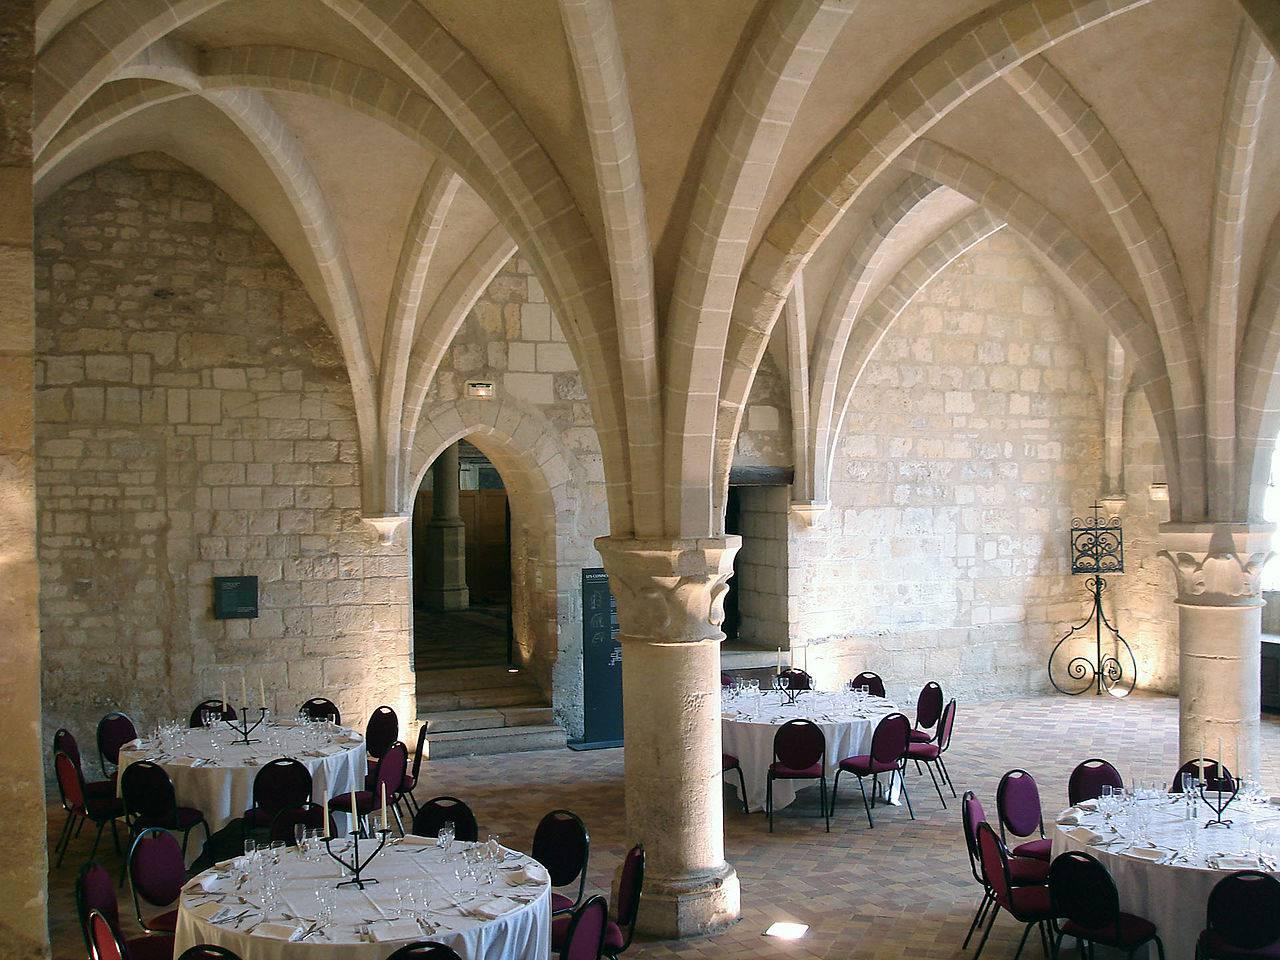 Cuisine de l'Abbaye de Royaumont